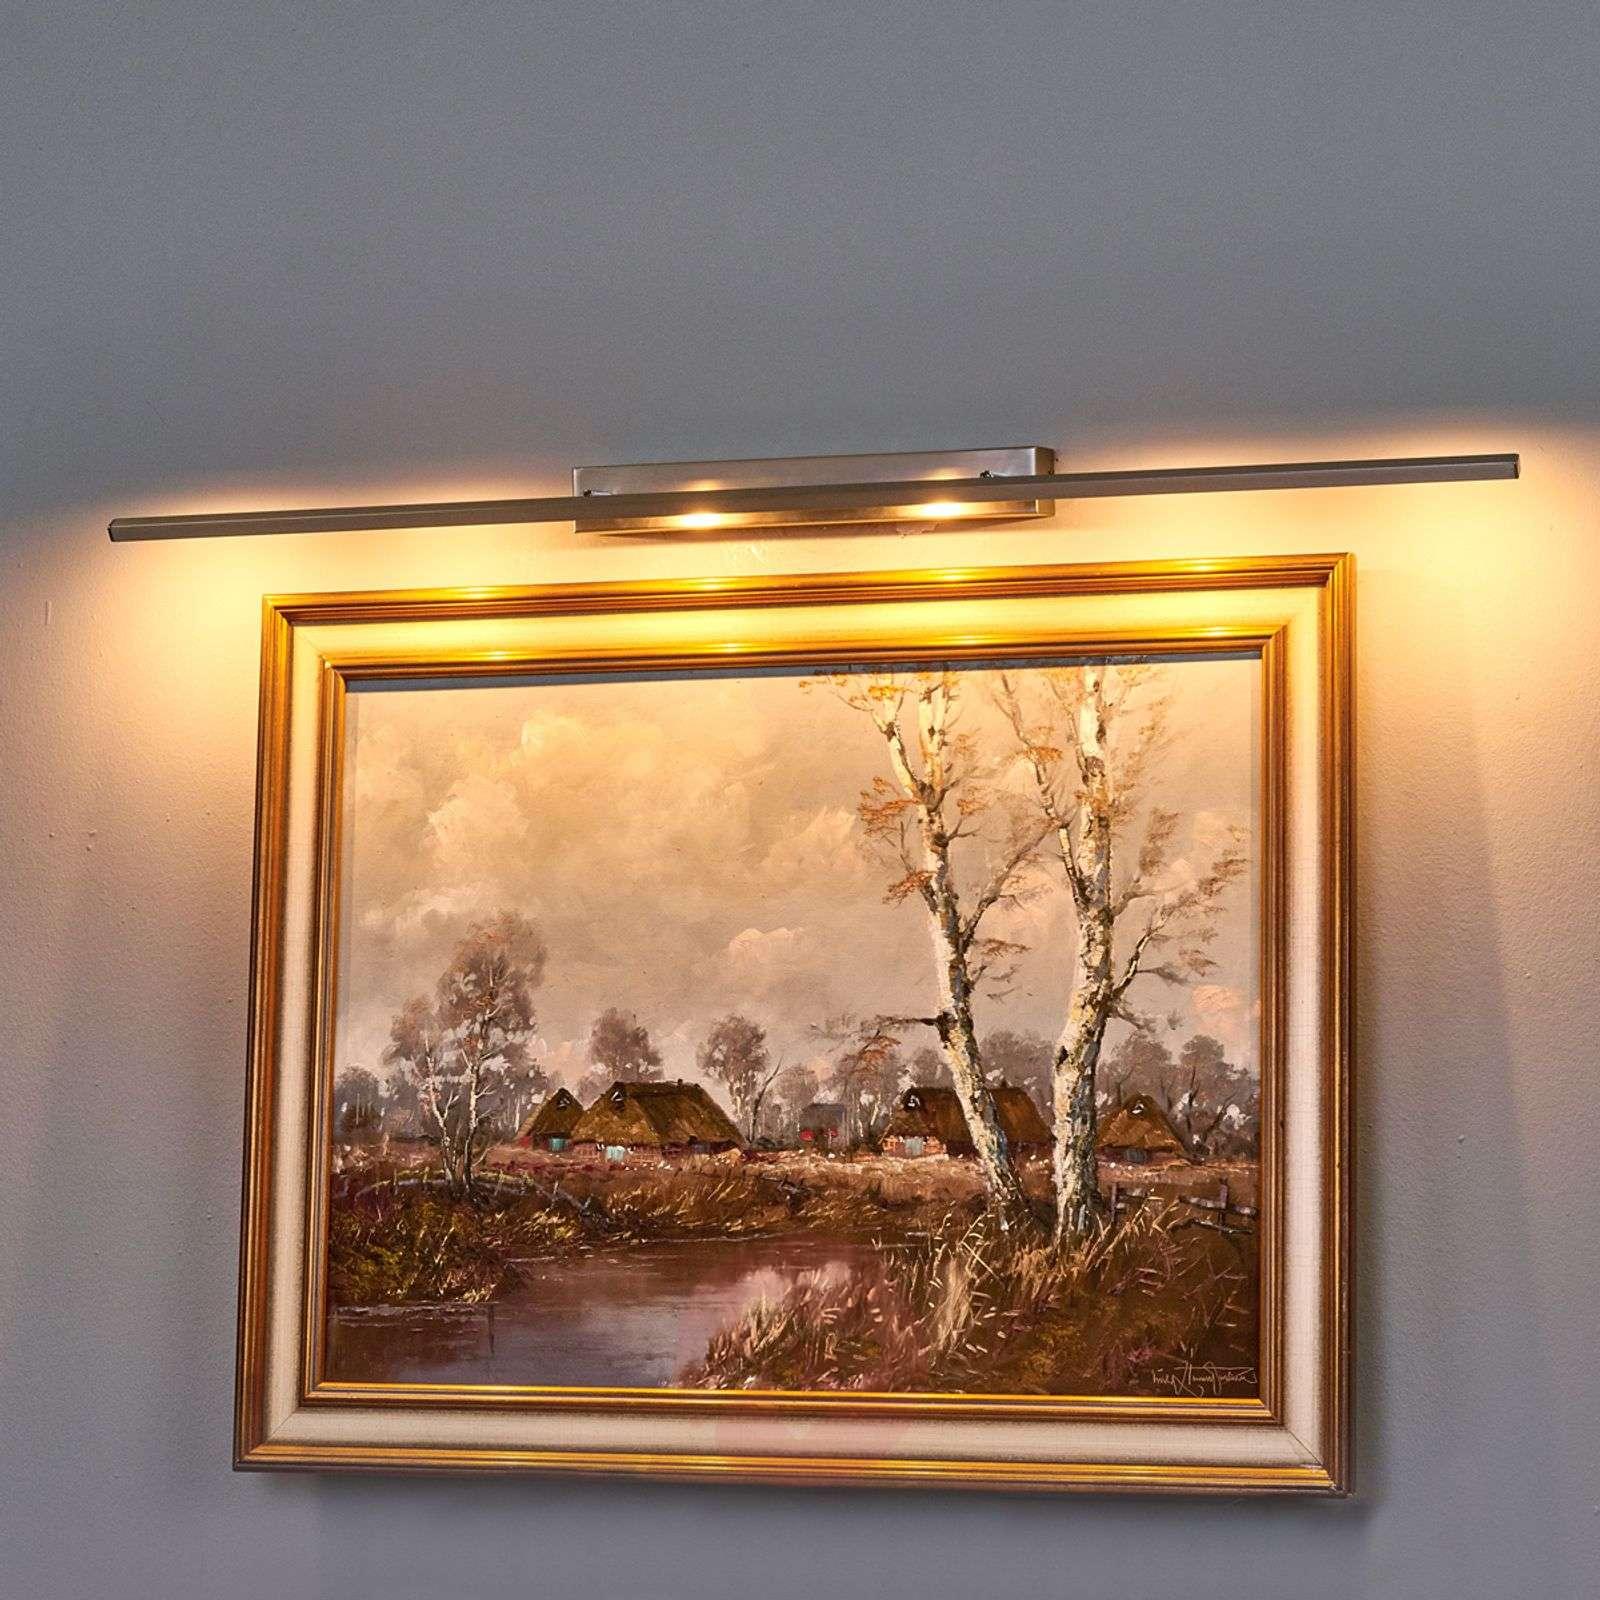 Elegantti LED-valo Tolu valmistettu Saksassa-6722267-01